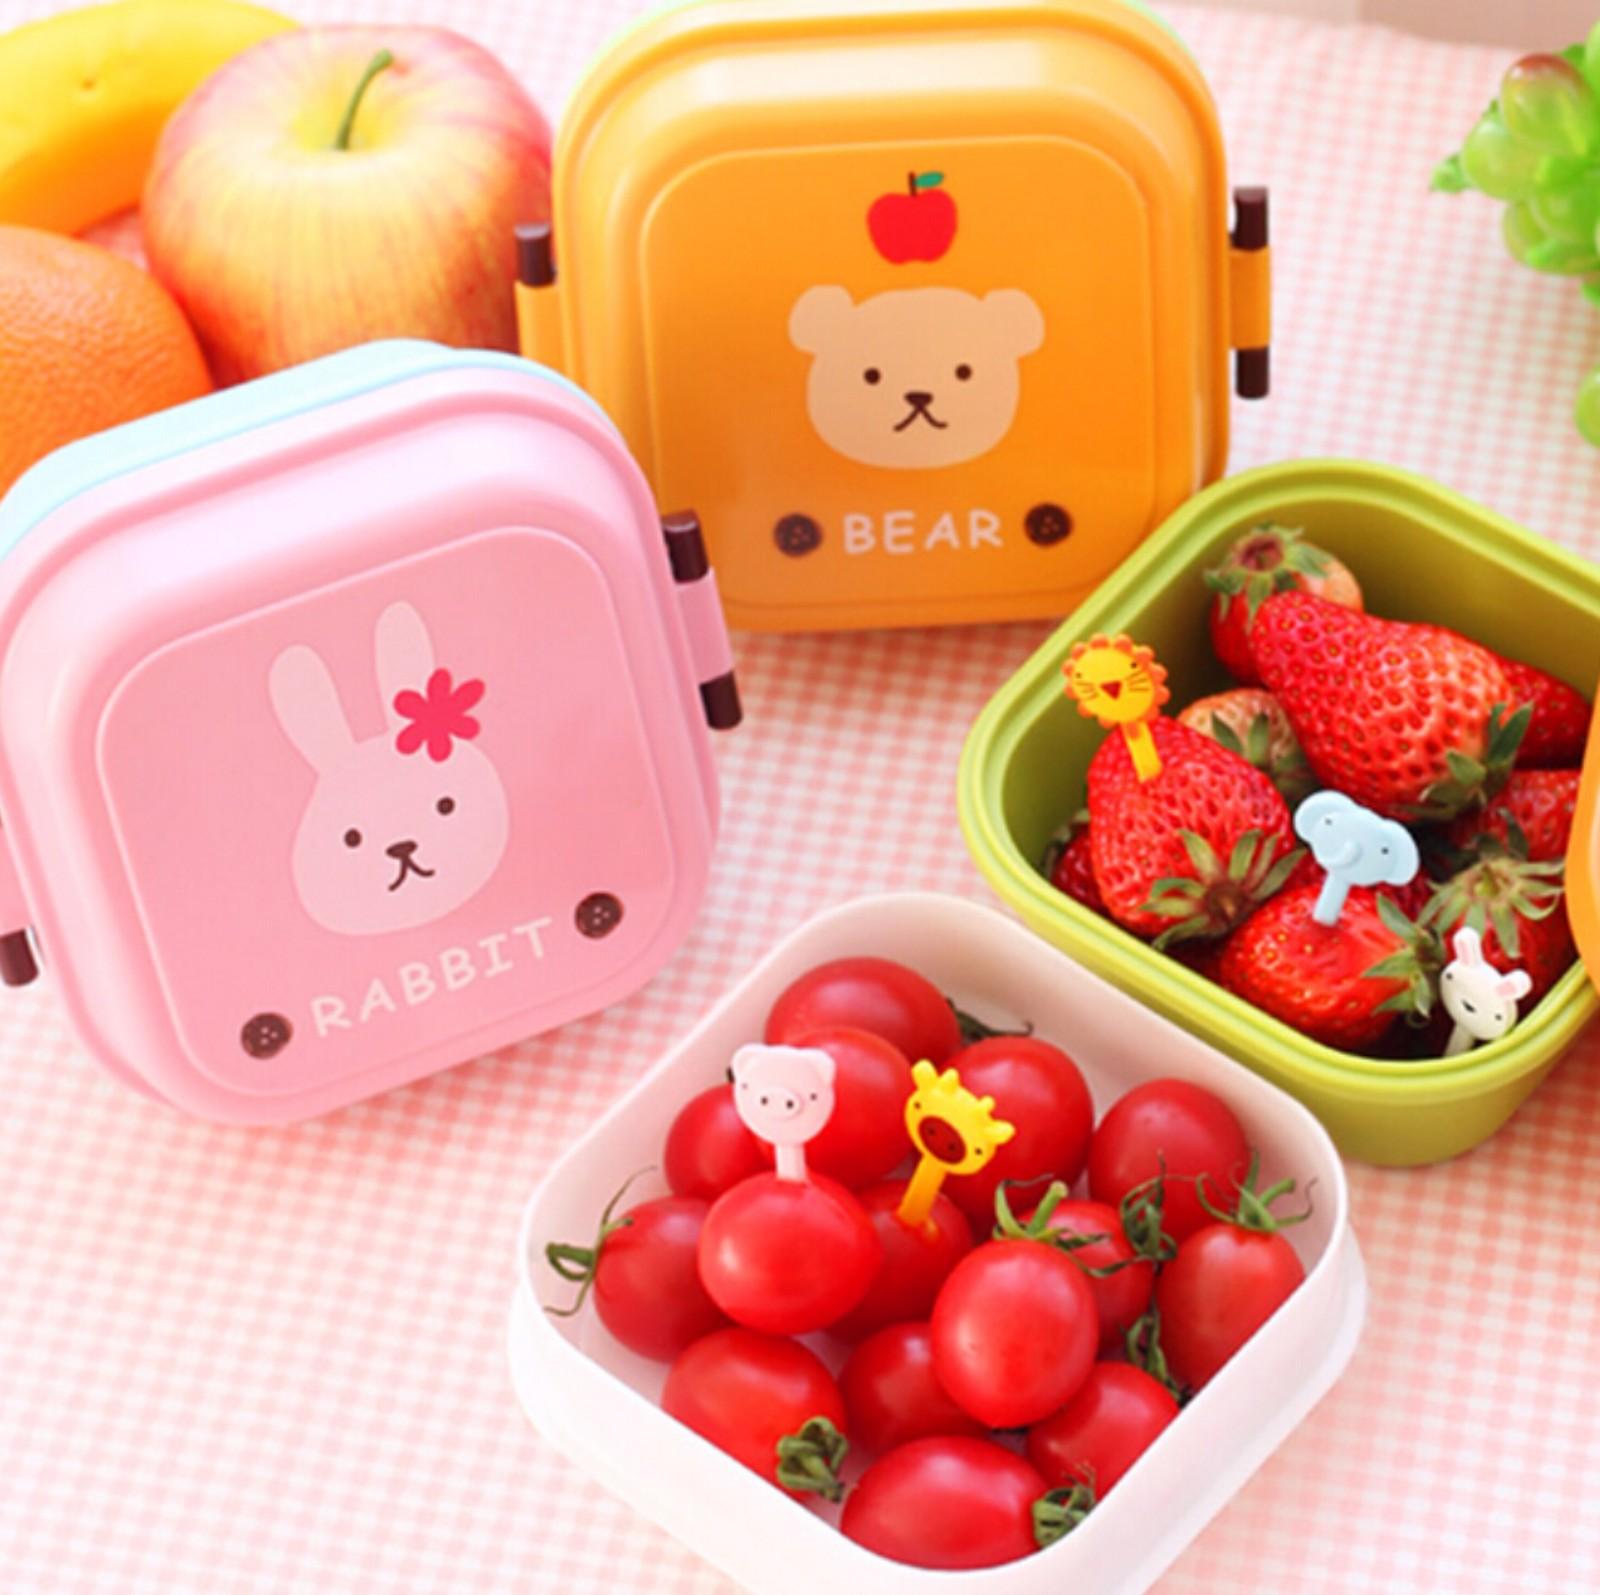 韩版饭盒卡通动物儿童餐盒 可爱迷你双层便当盒水果盒